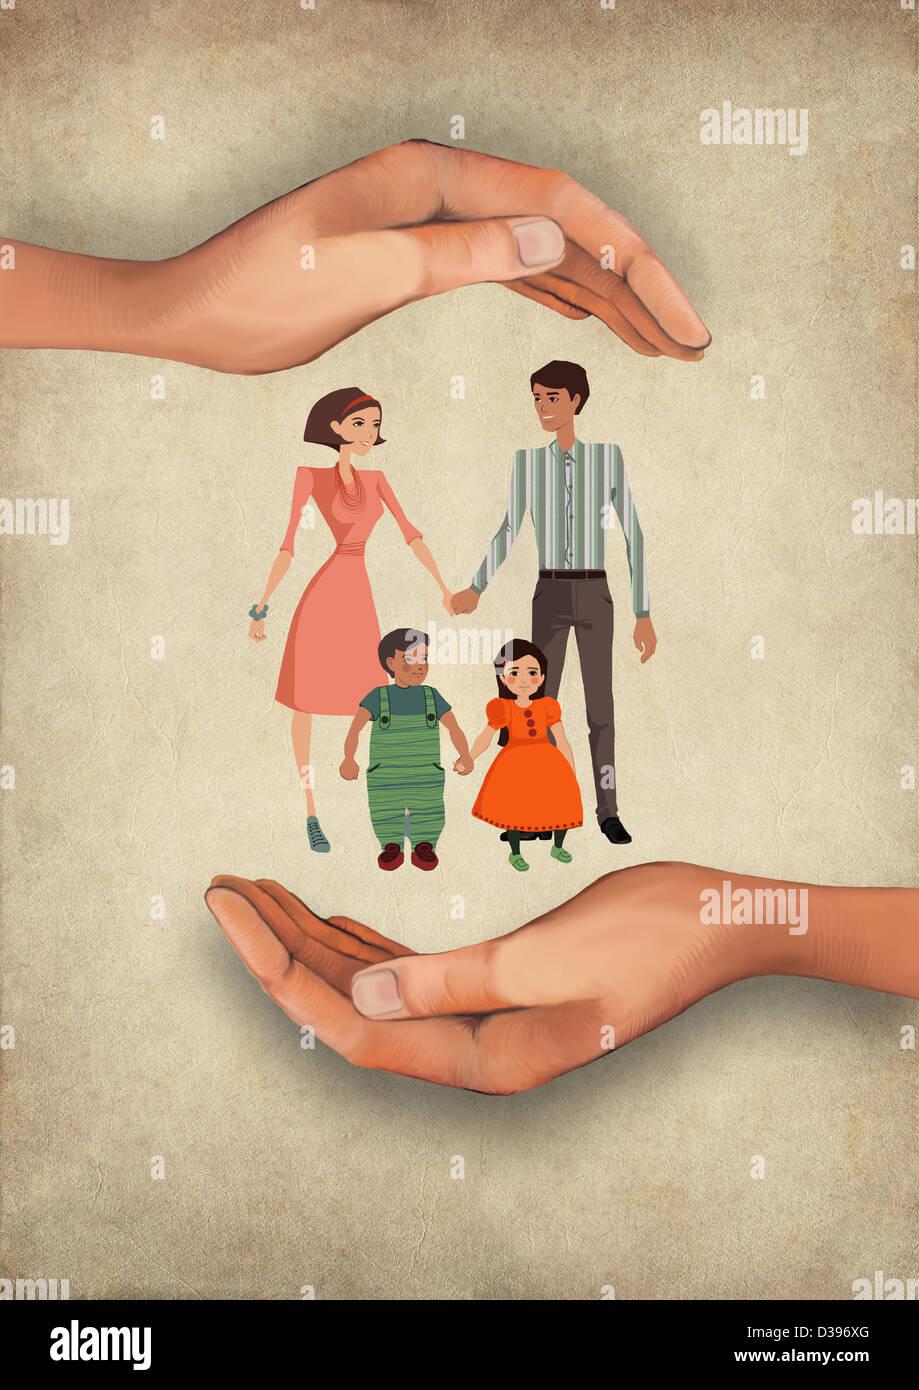 Immagine illustrativa di mani umane la schermatura della famiglia di assicurazione che rappresenta Immagini Stock